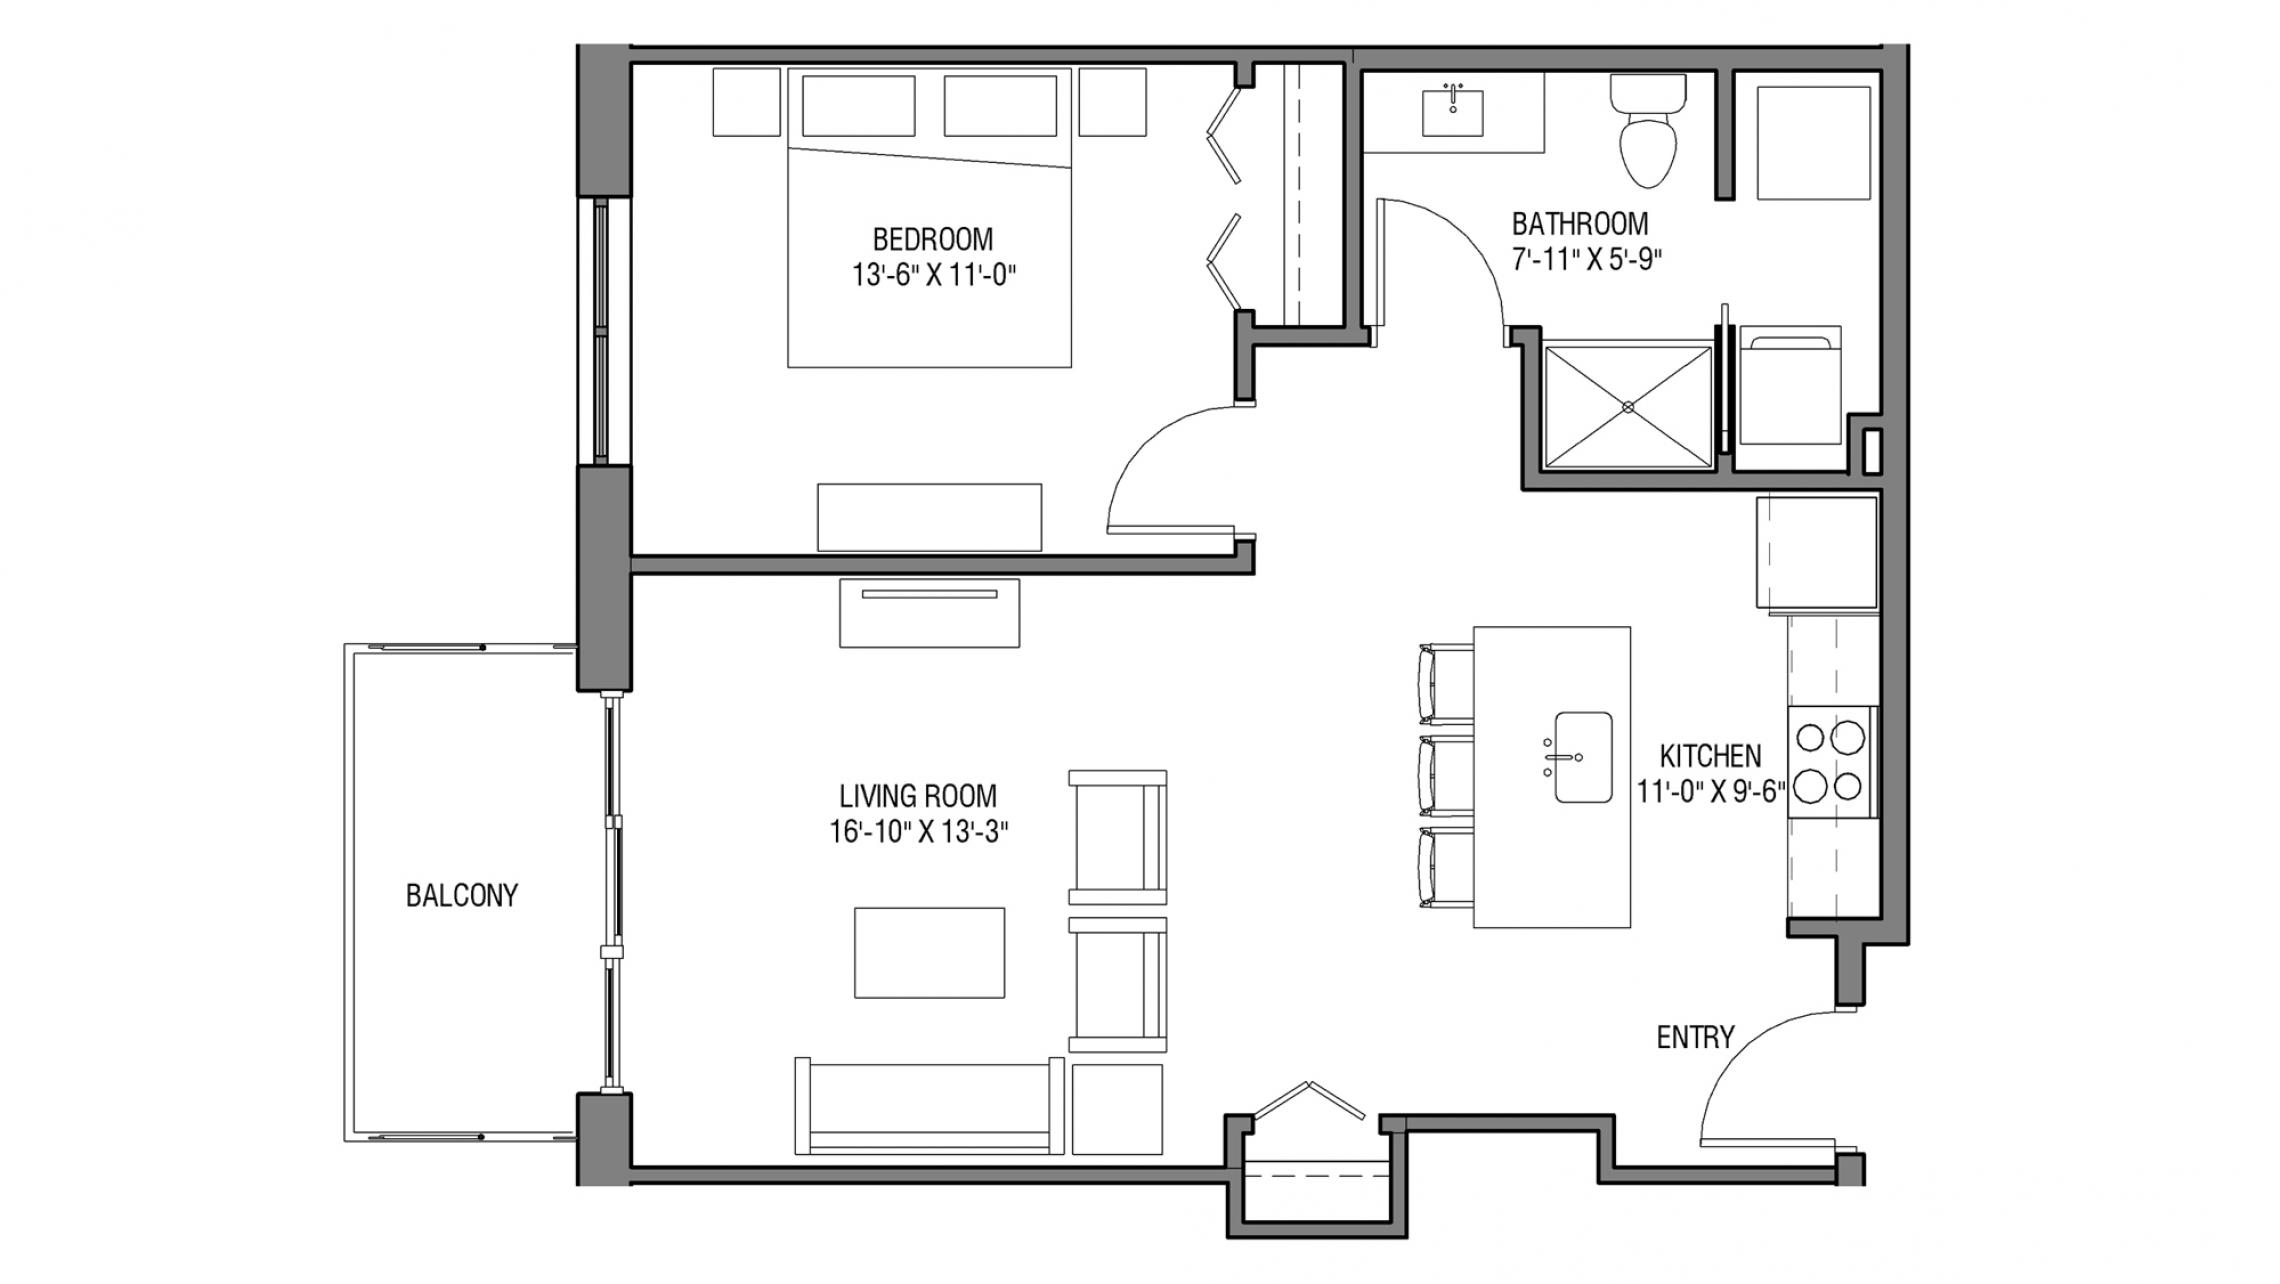 ULI Nine Line 318 - One Bedroom, One Bathroom